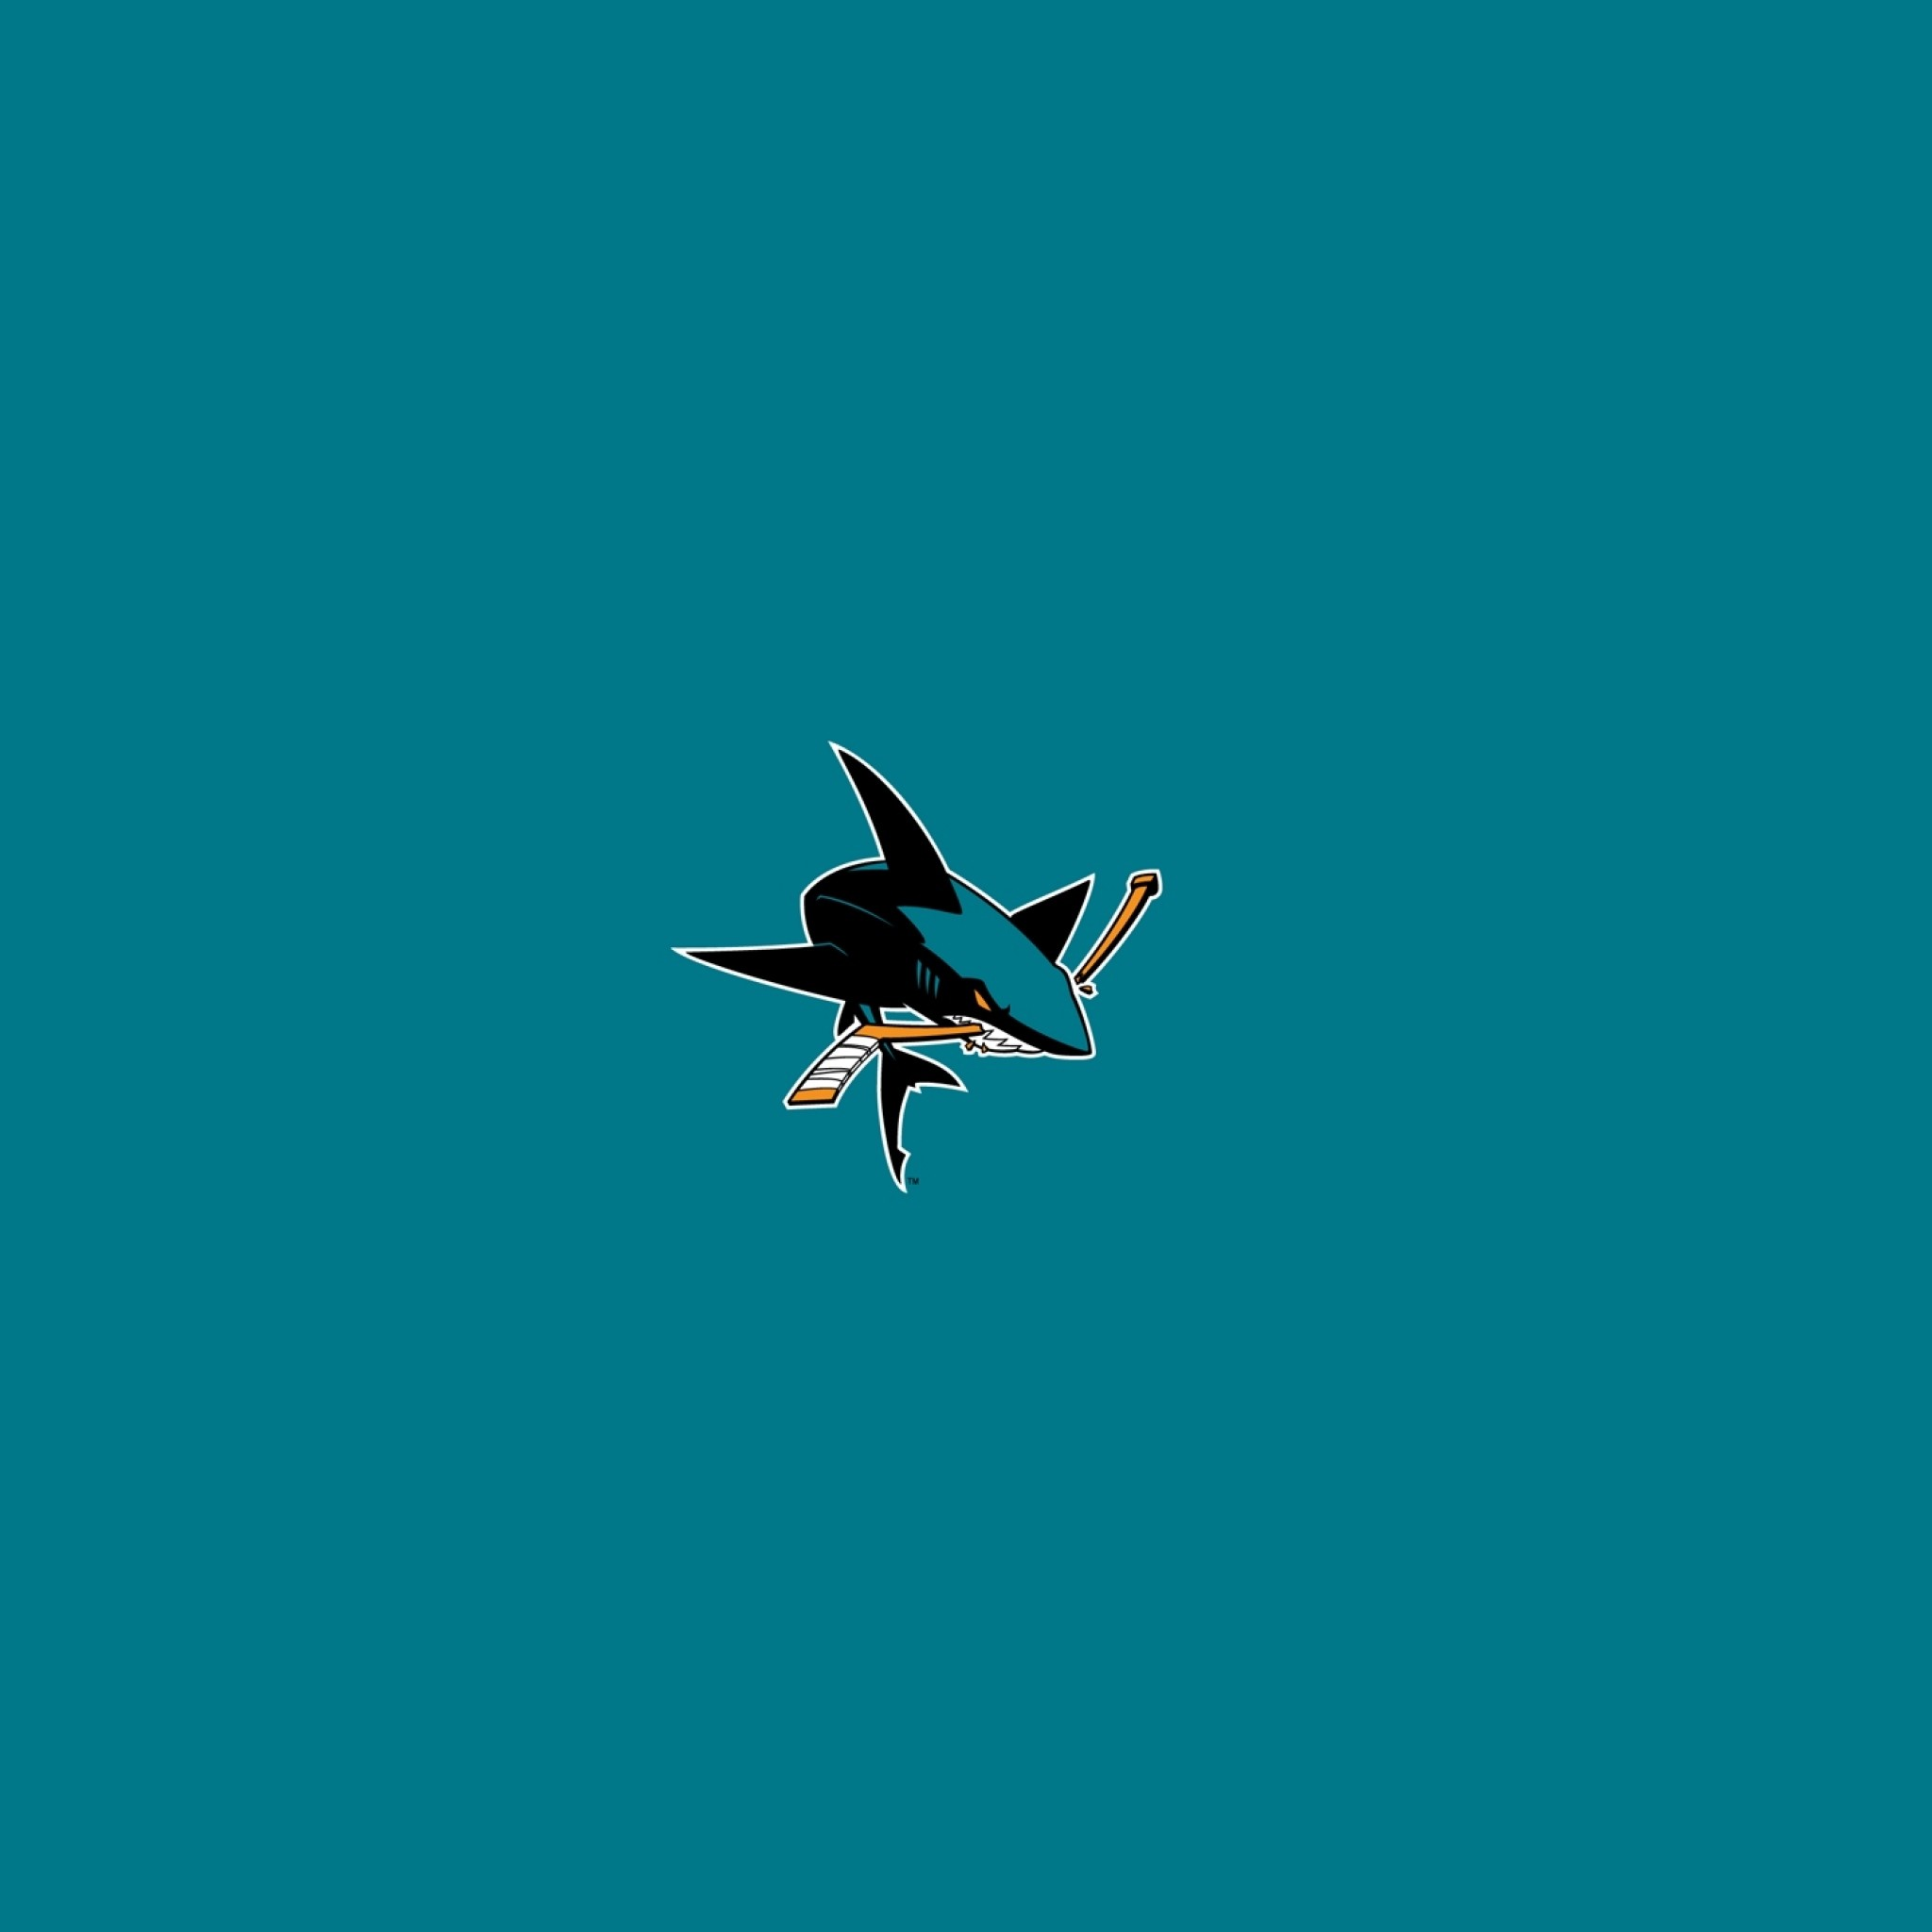 Wallpaper san jose sharks, hockey, logo